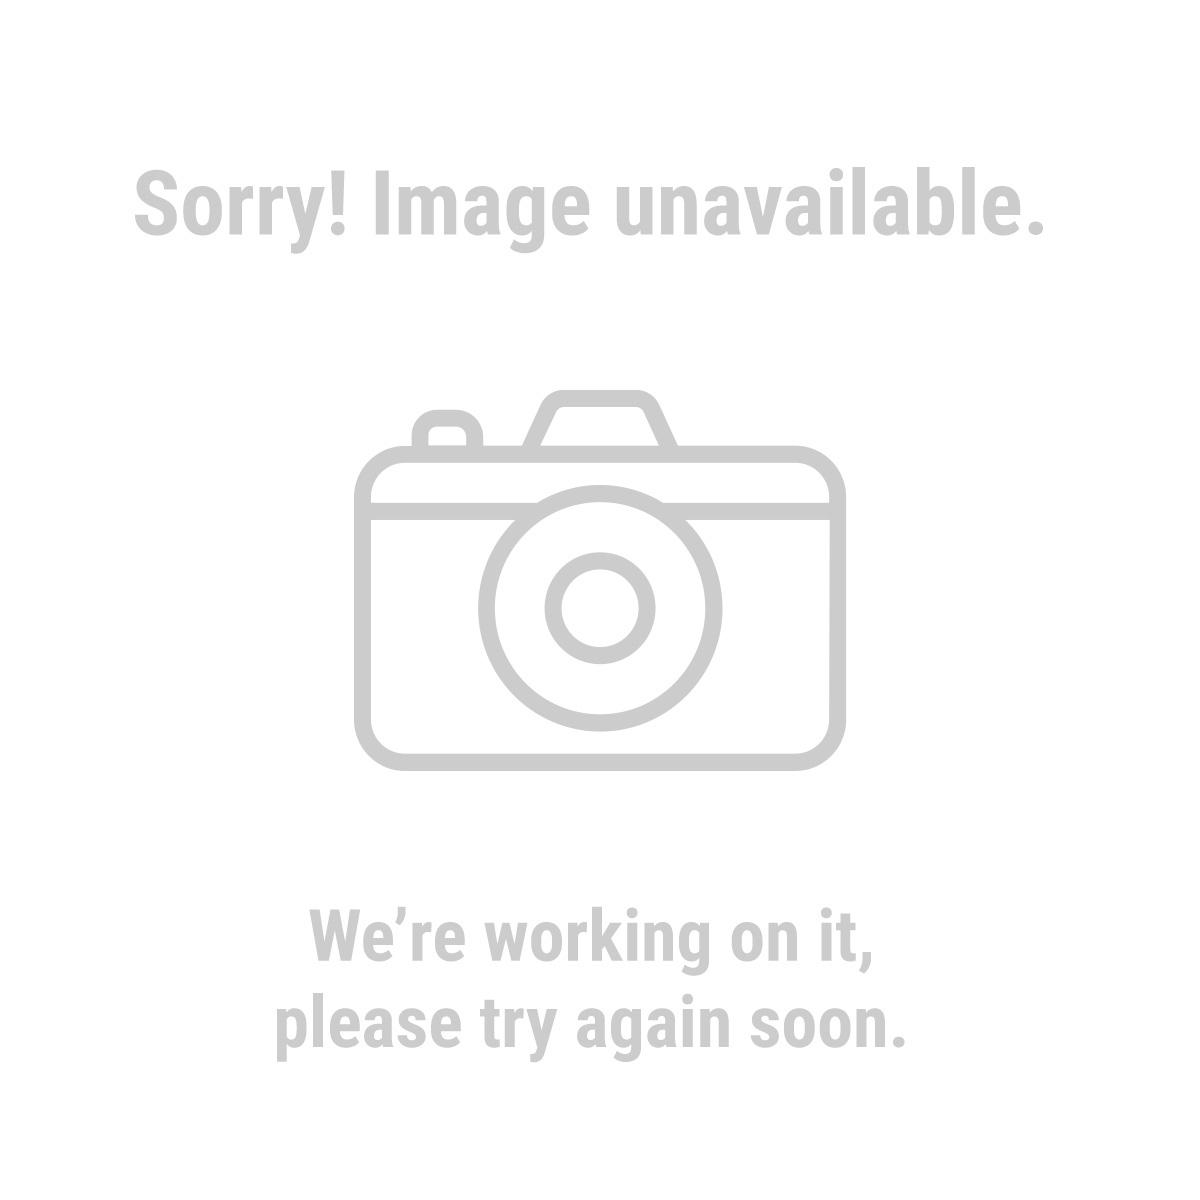 Badlands 9000 Lb Winch Manual on badland winch wireless remote box diagram, warn 8274 parts diagram, badland winch parts diagram,